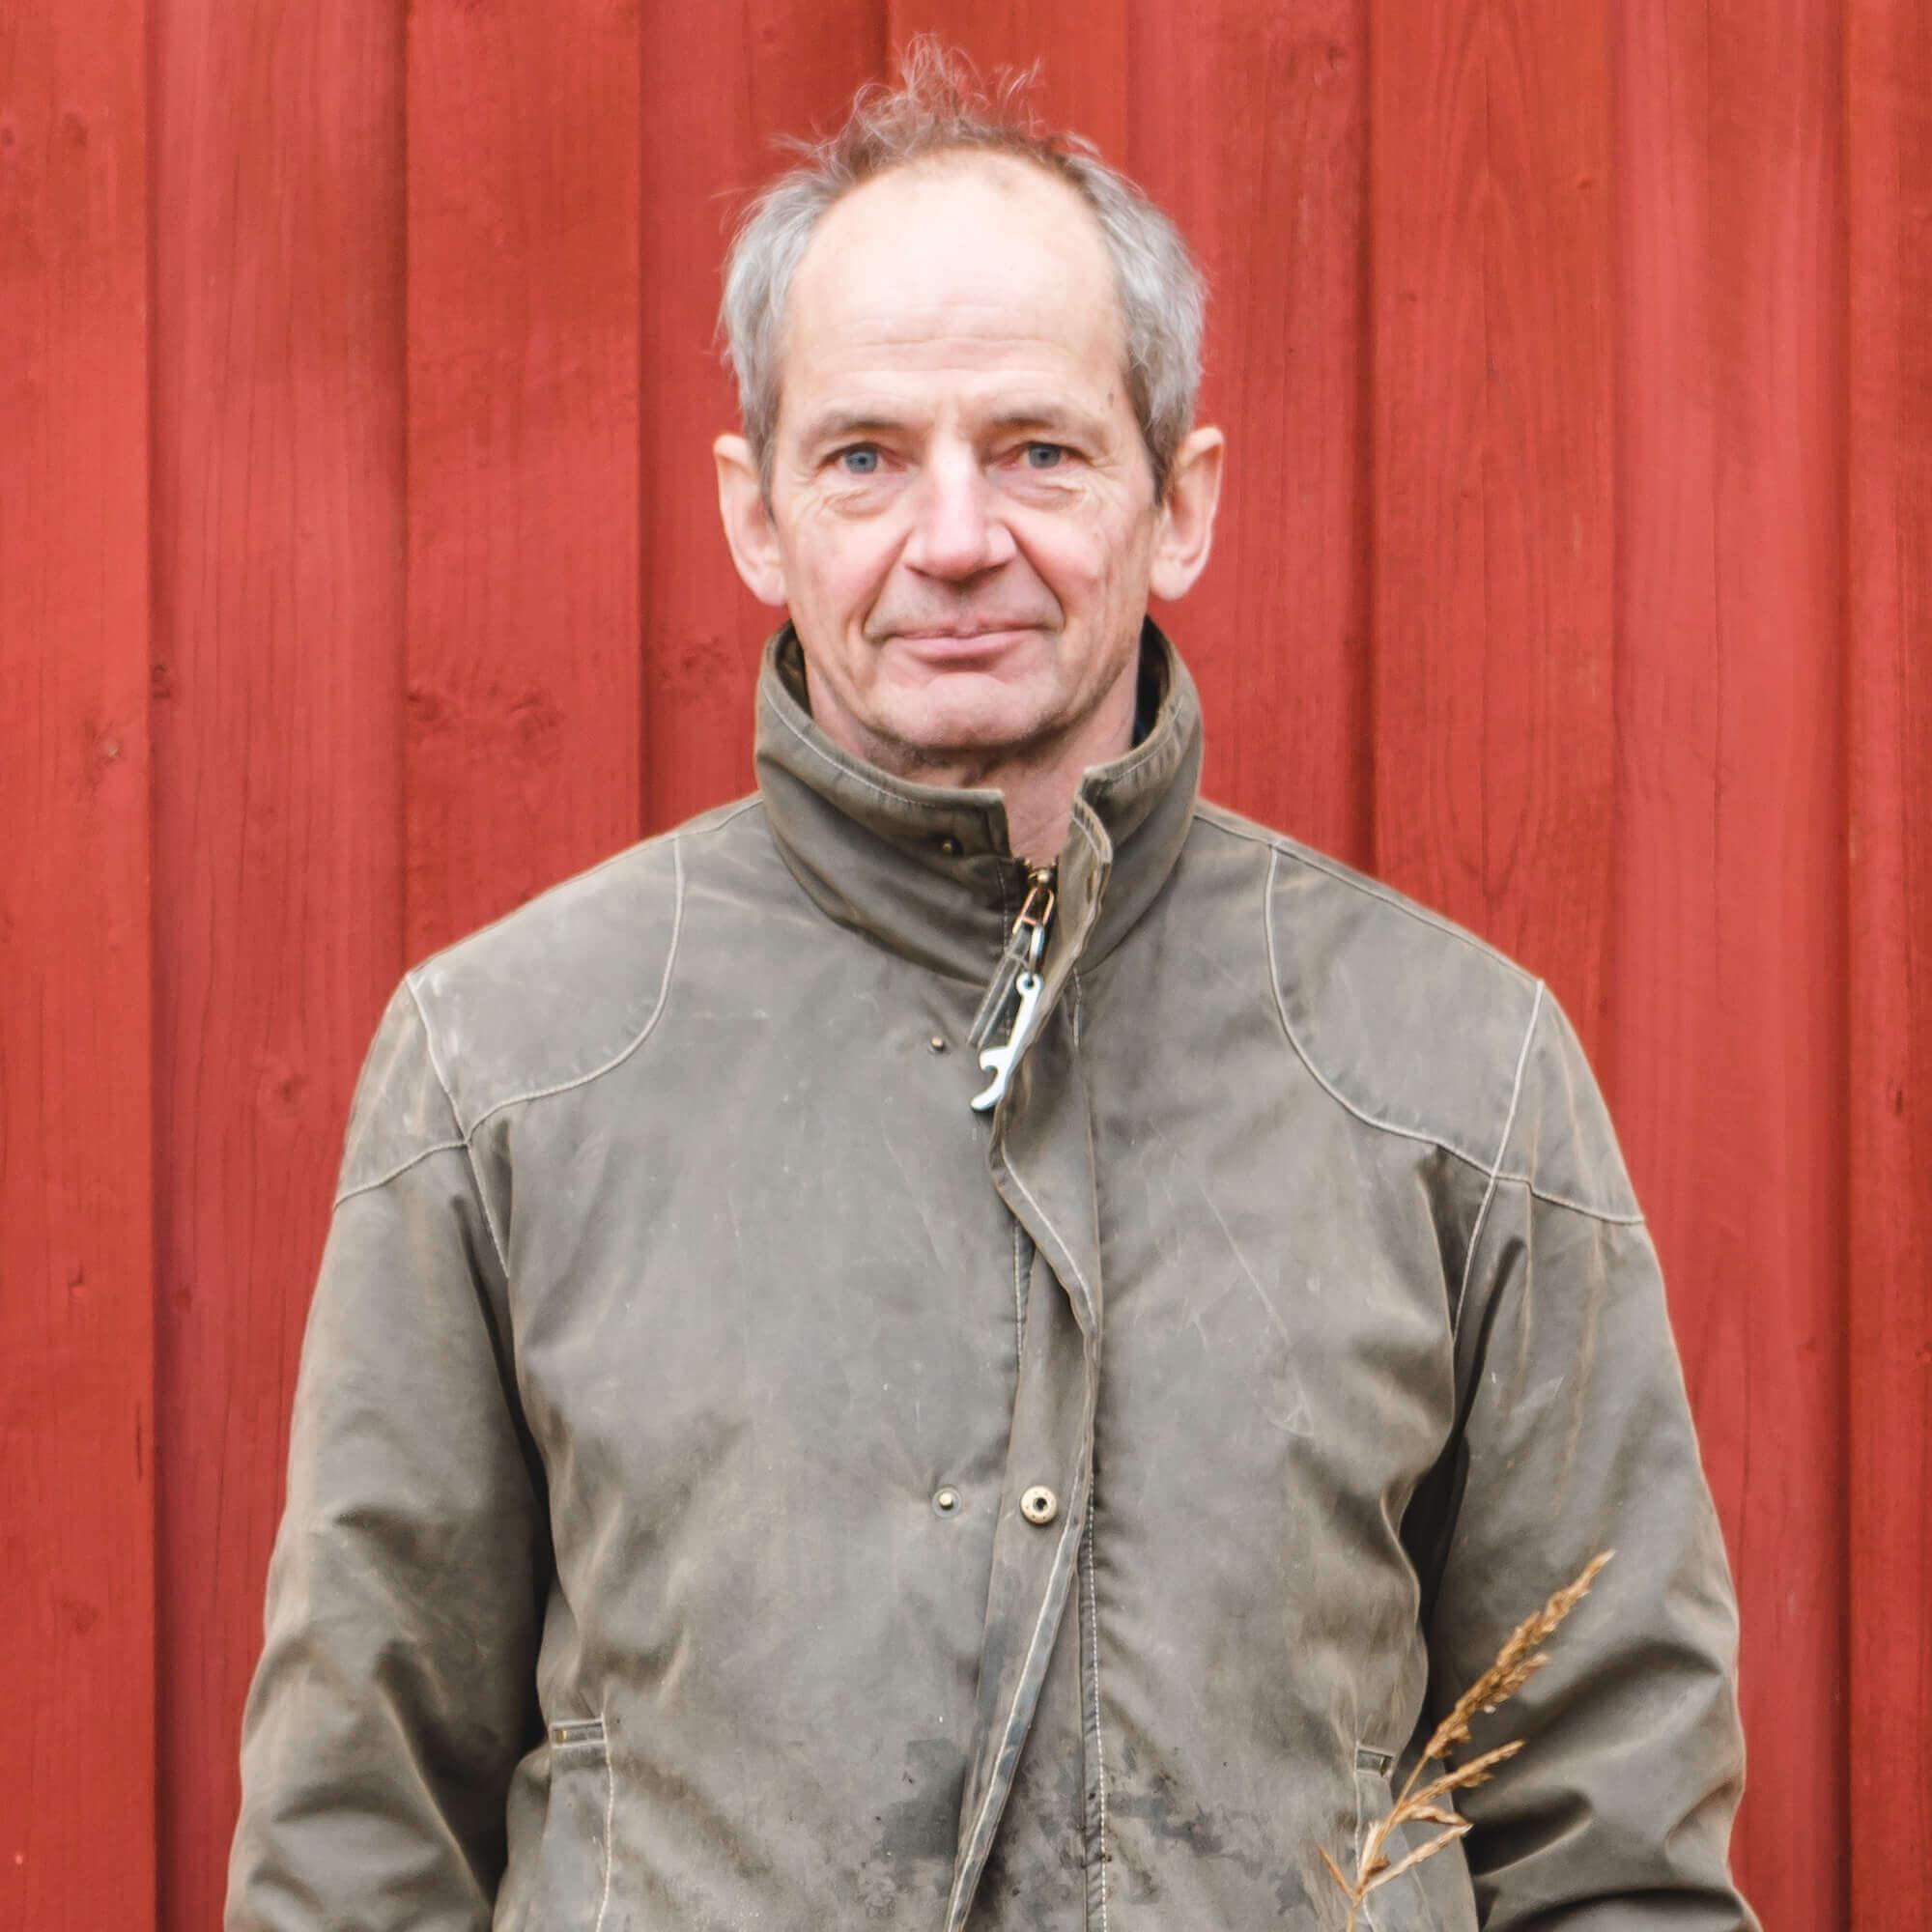 Heikki Mäkkylä